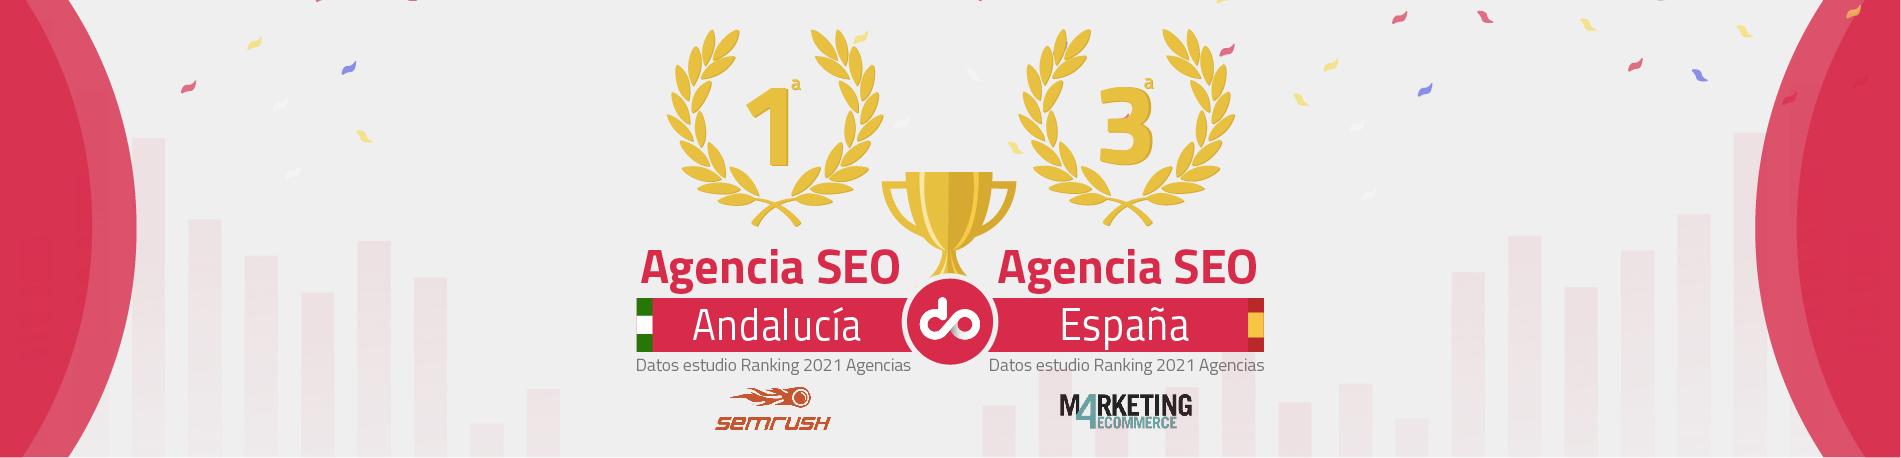 Agencia SEO Huelva